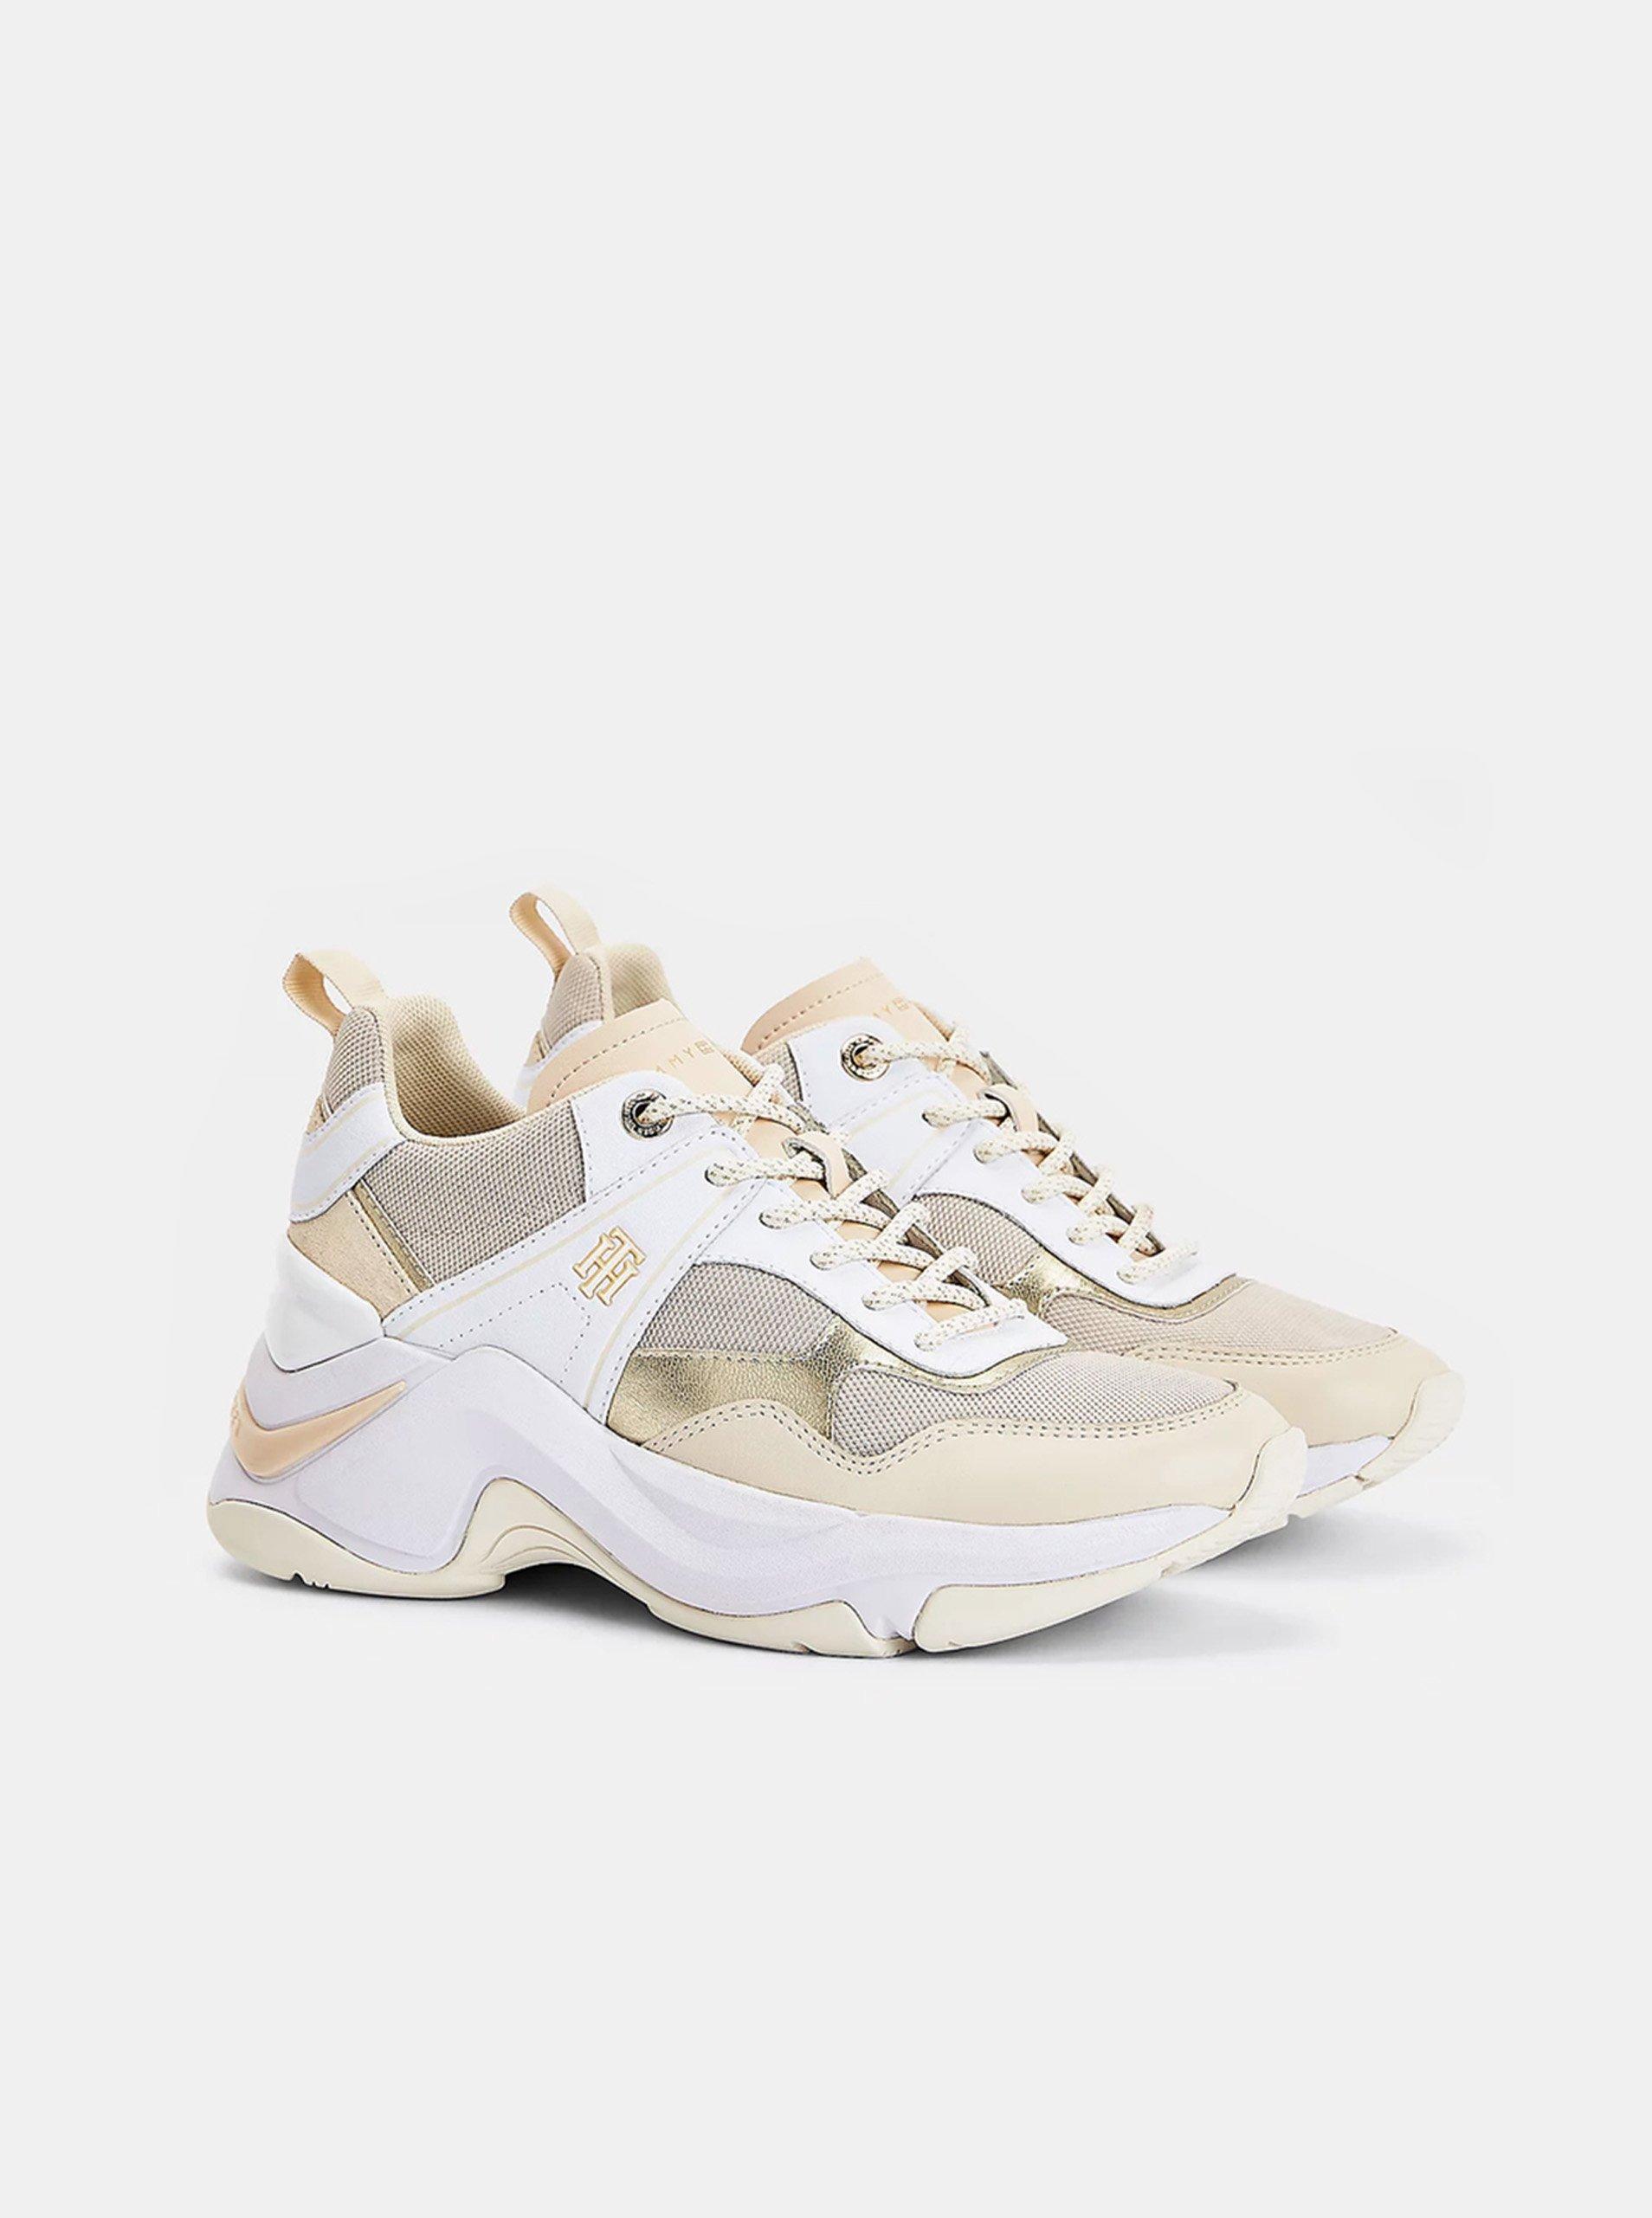 Béžovo-biele dámske kožené tenisky na platforme Tommy Hilfiger.